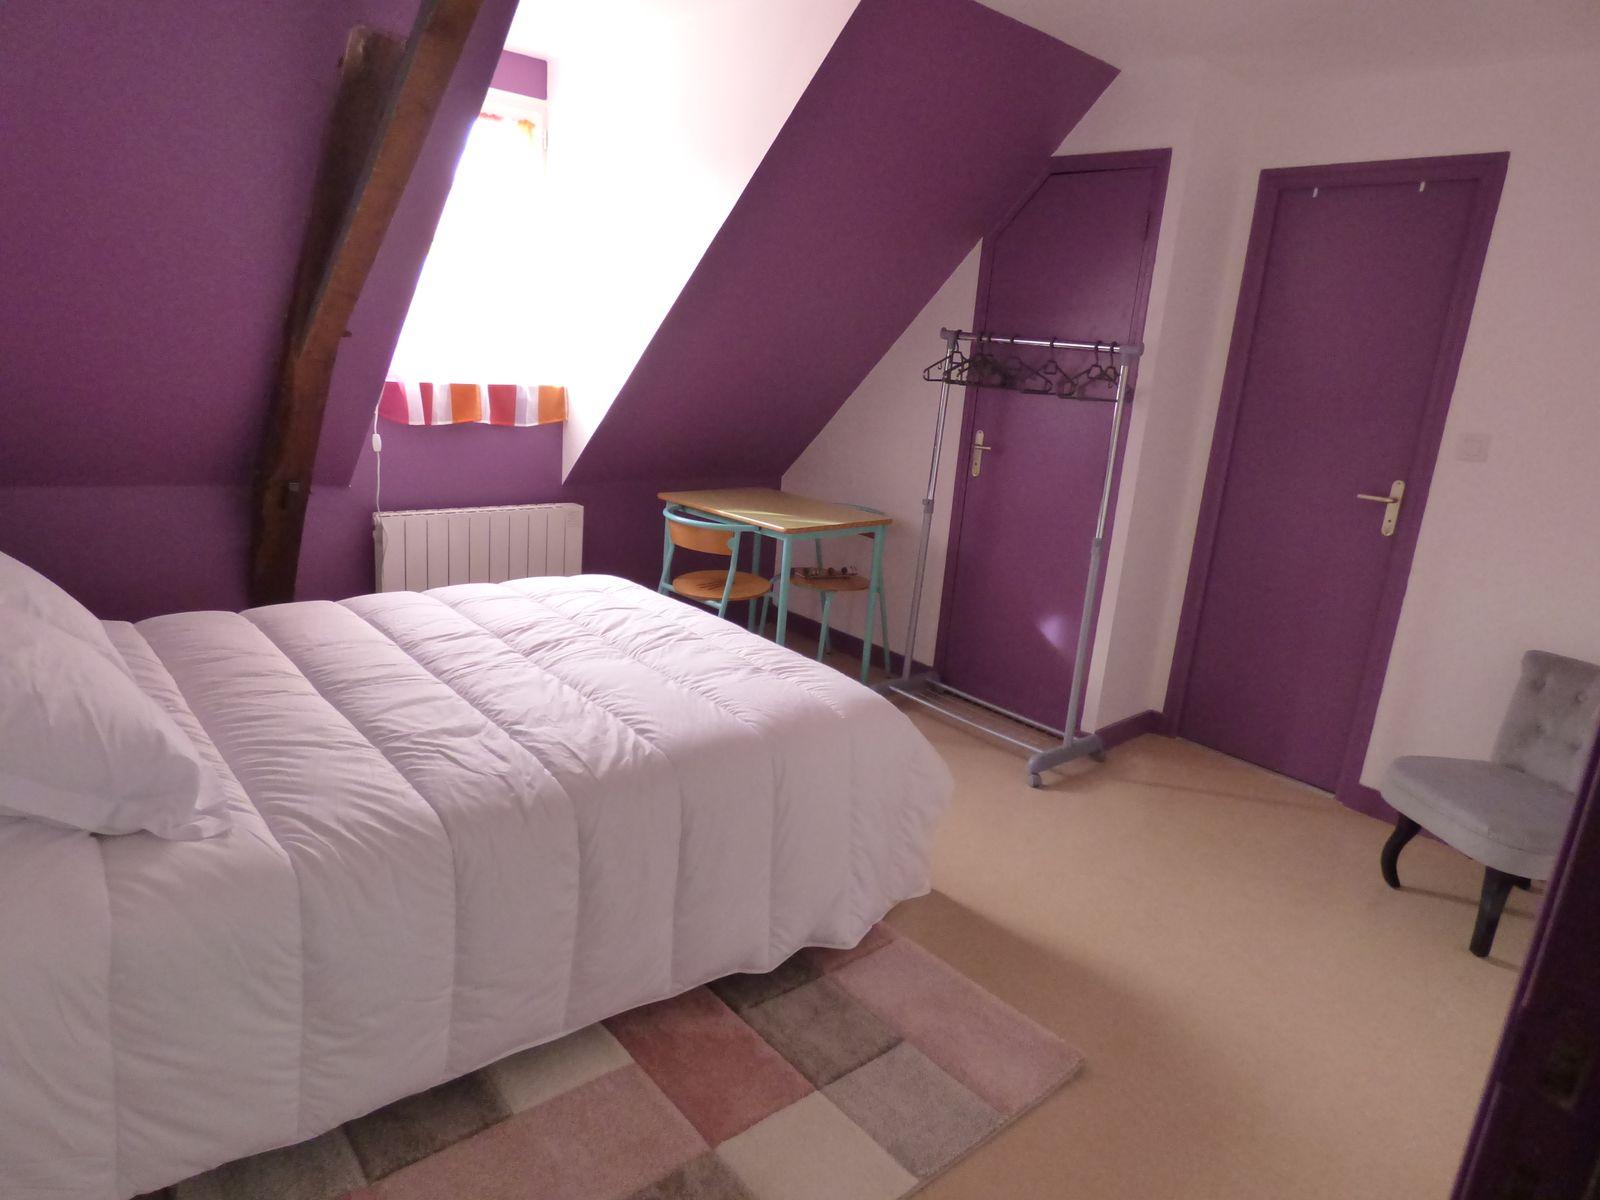 Chambres couples ou chambres groupes individualisées avec une décoration soignée